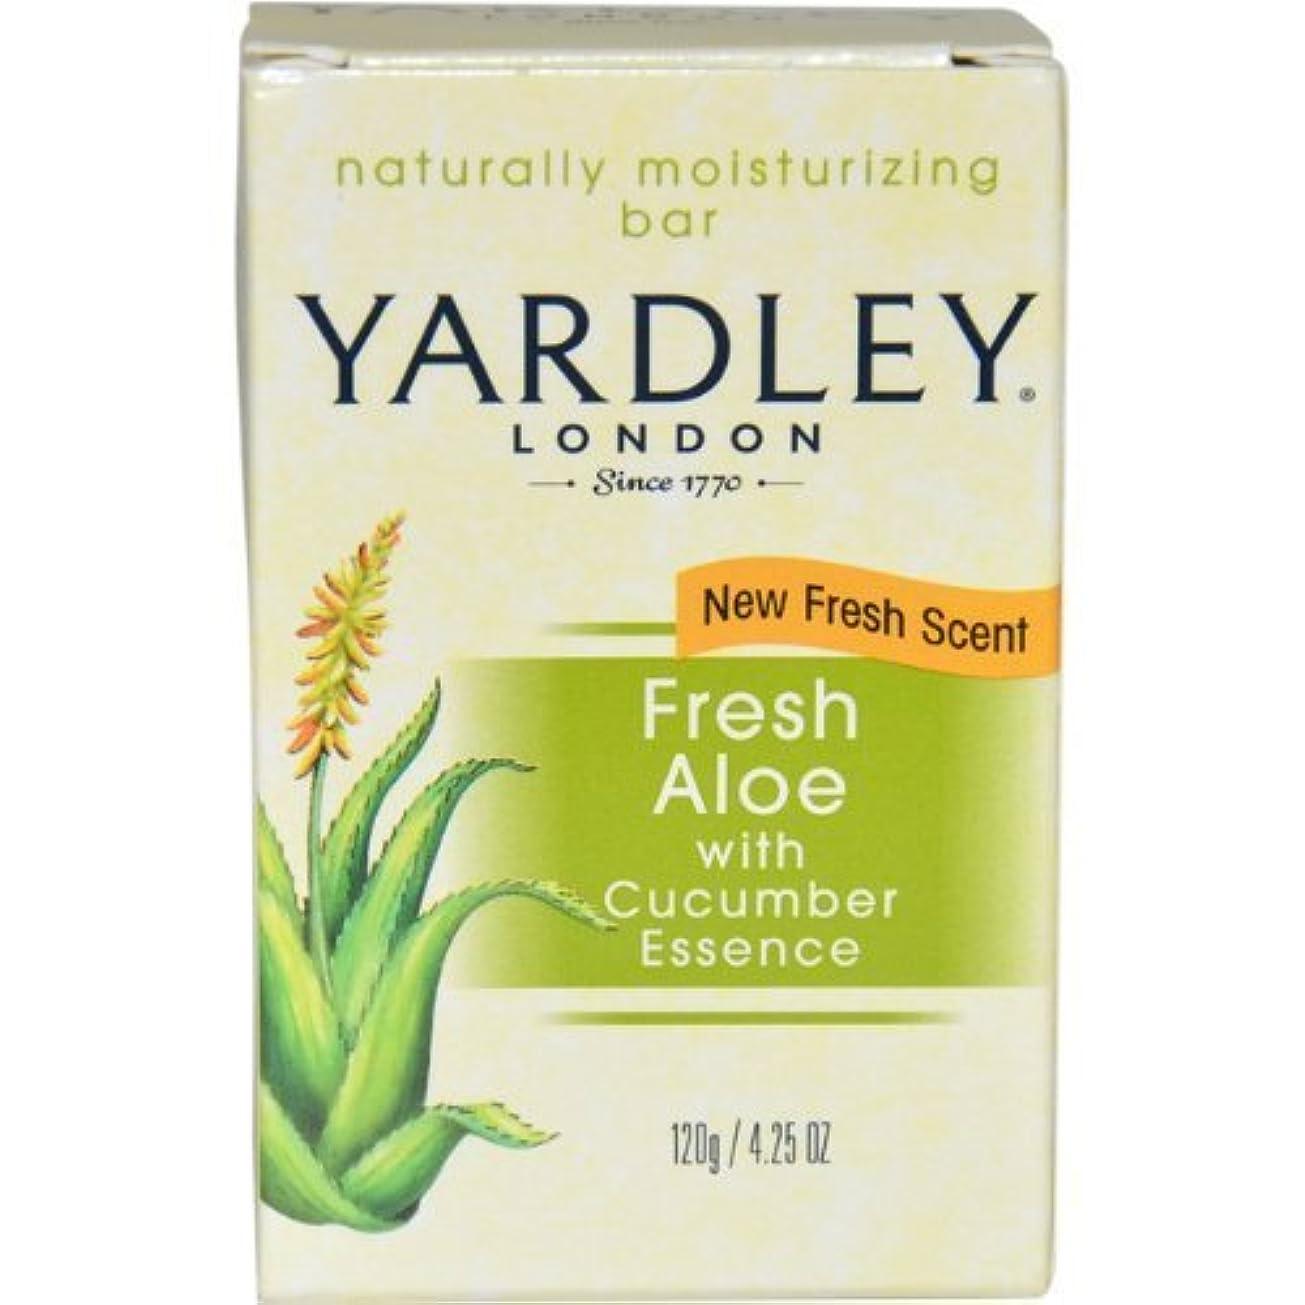 路面電車フィードバック遊具Fresh Aloe with Cucumber Essence Bar Soap Soap Unisex by Yardley, 4.25 Ounce (Packaging May Vary) by Yardley [...